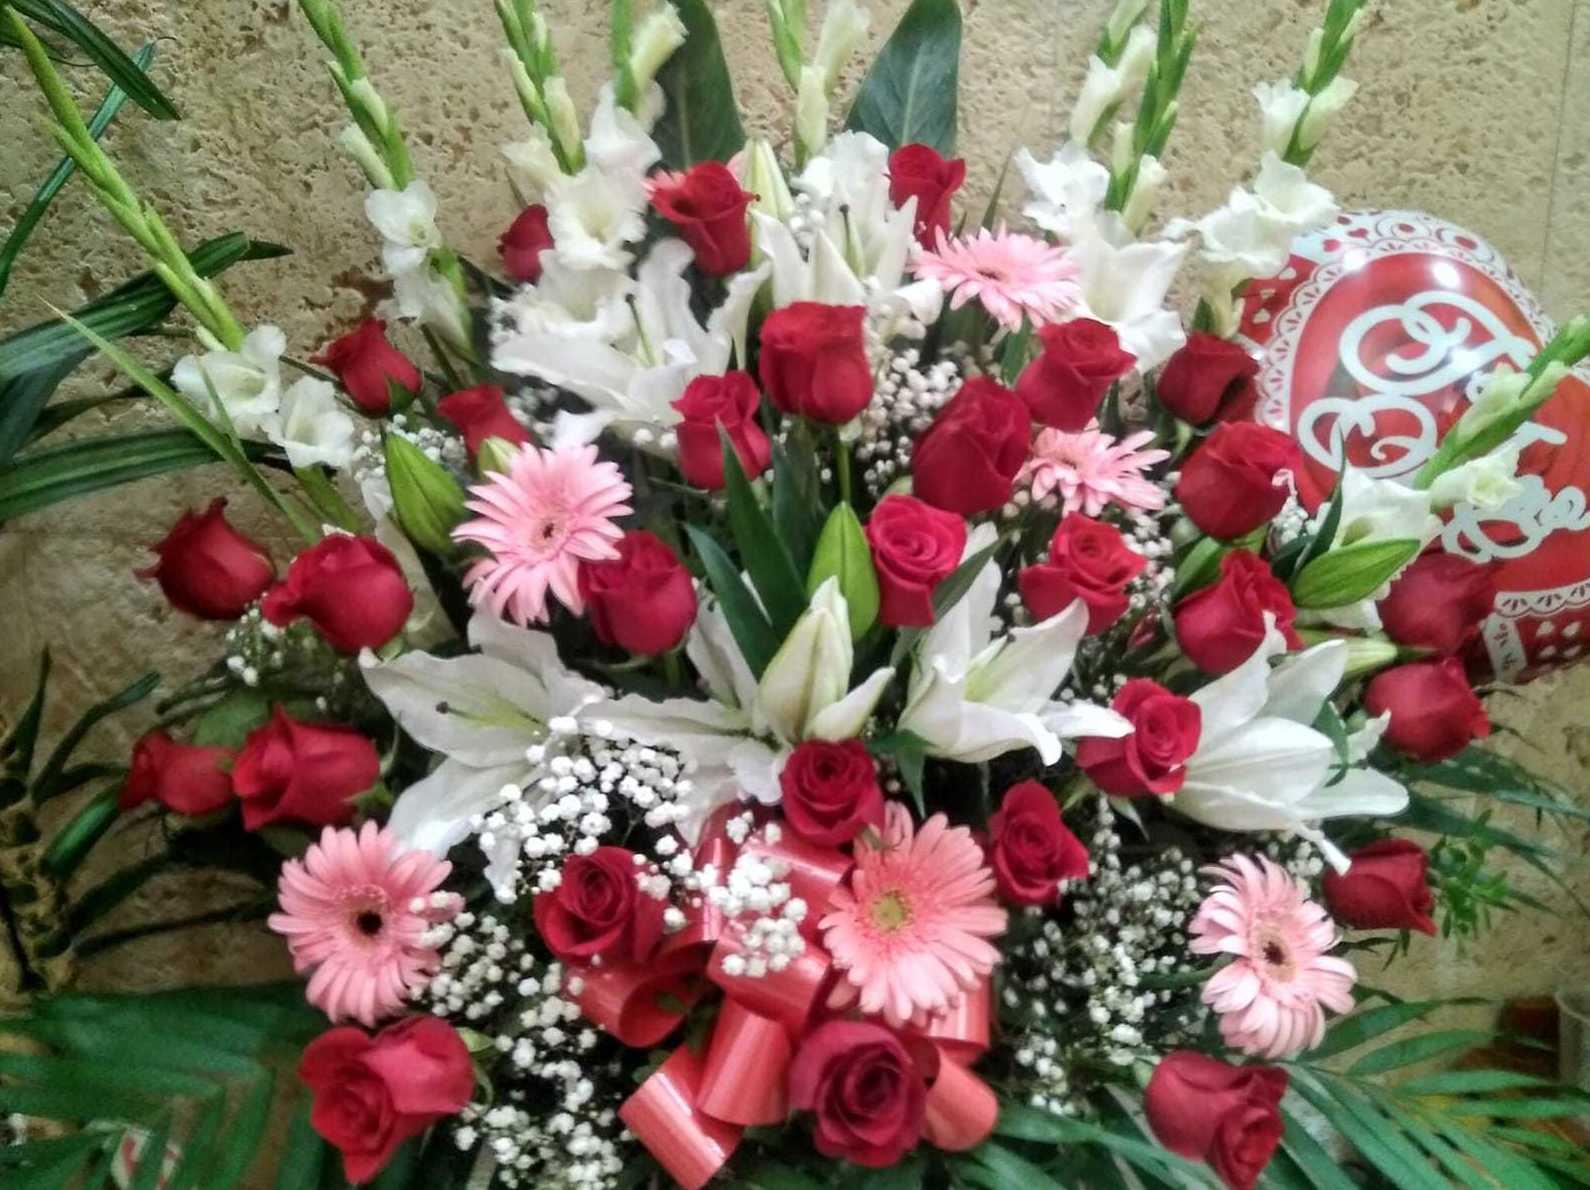 Foto 27 de Decoraciones florales en  | Floristería Abolengo